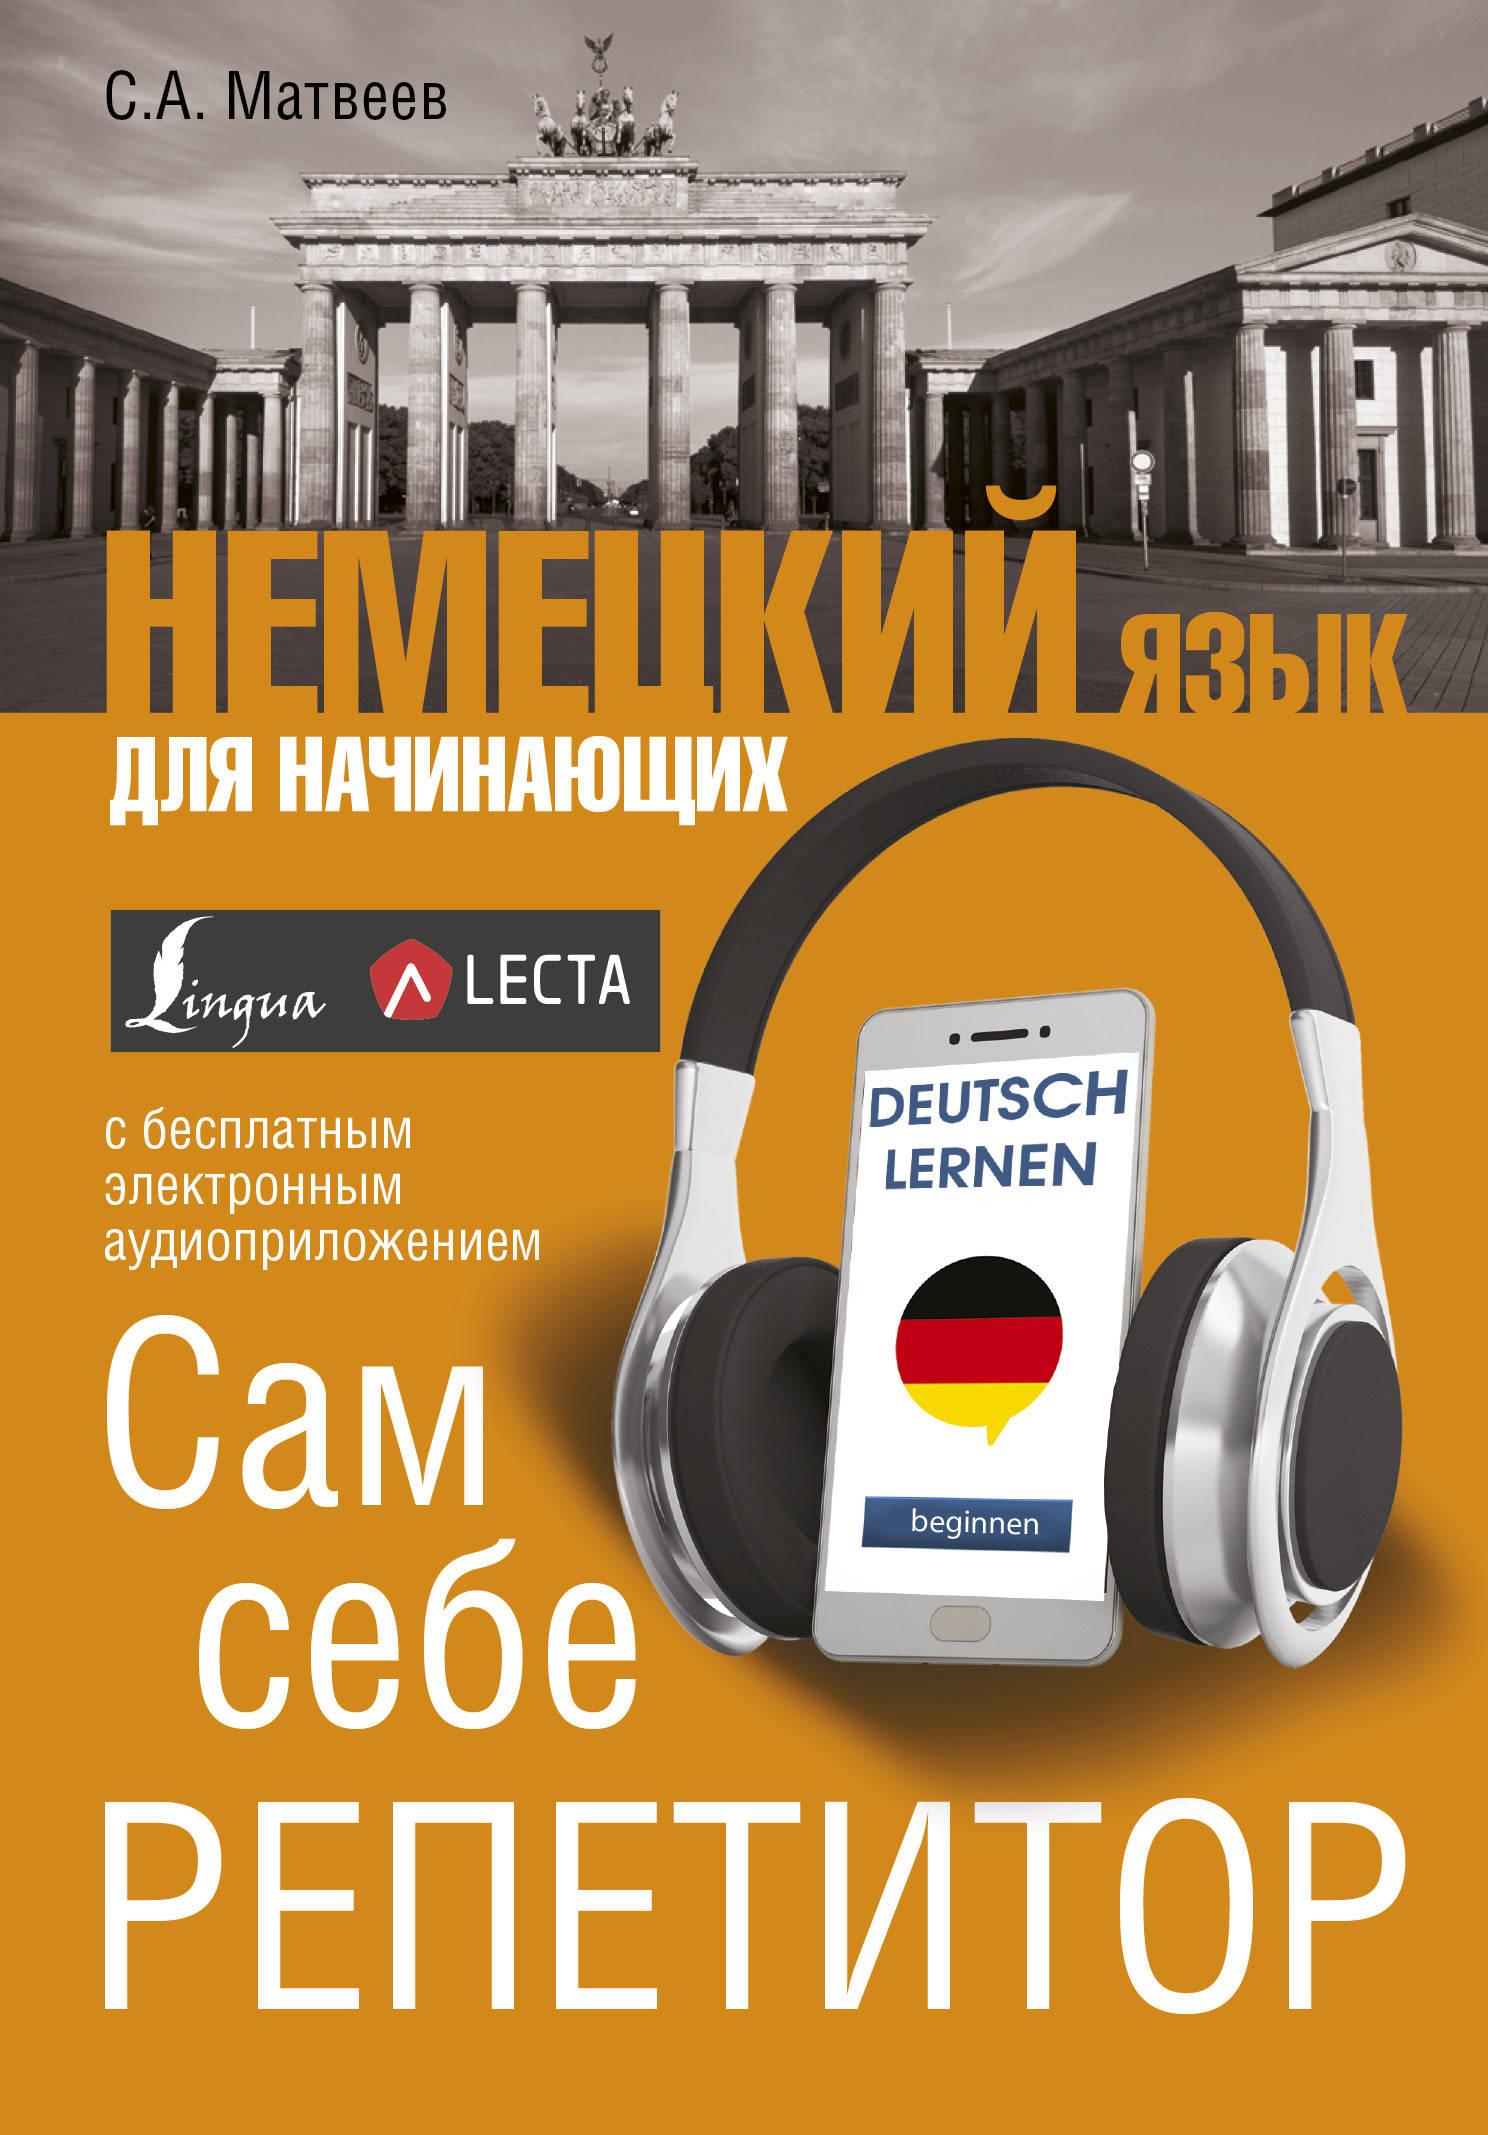 С. А. Матвеев Немецкий язык для начинающих. Сам себе репетитор + LECTA с а матвеев немецкий язык для начинающих сам себе репетитор аудиоприложение lecta